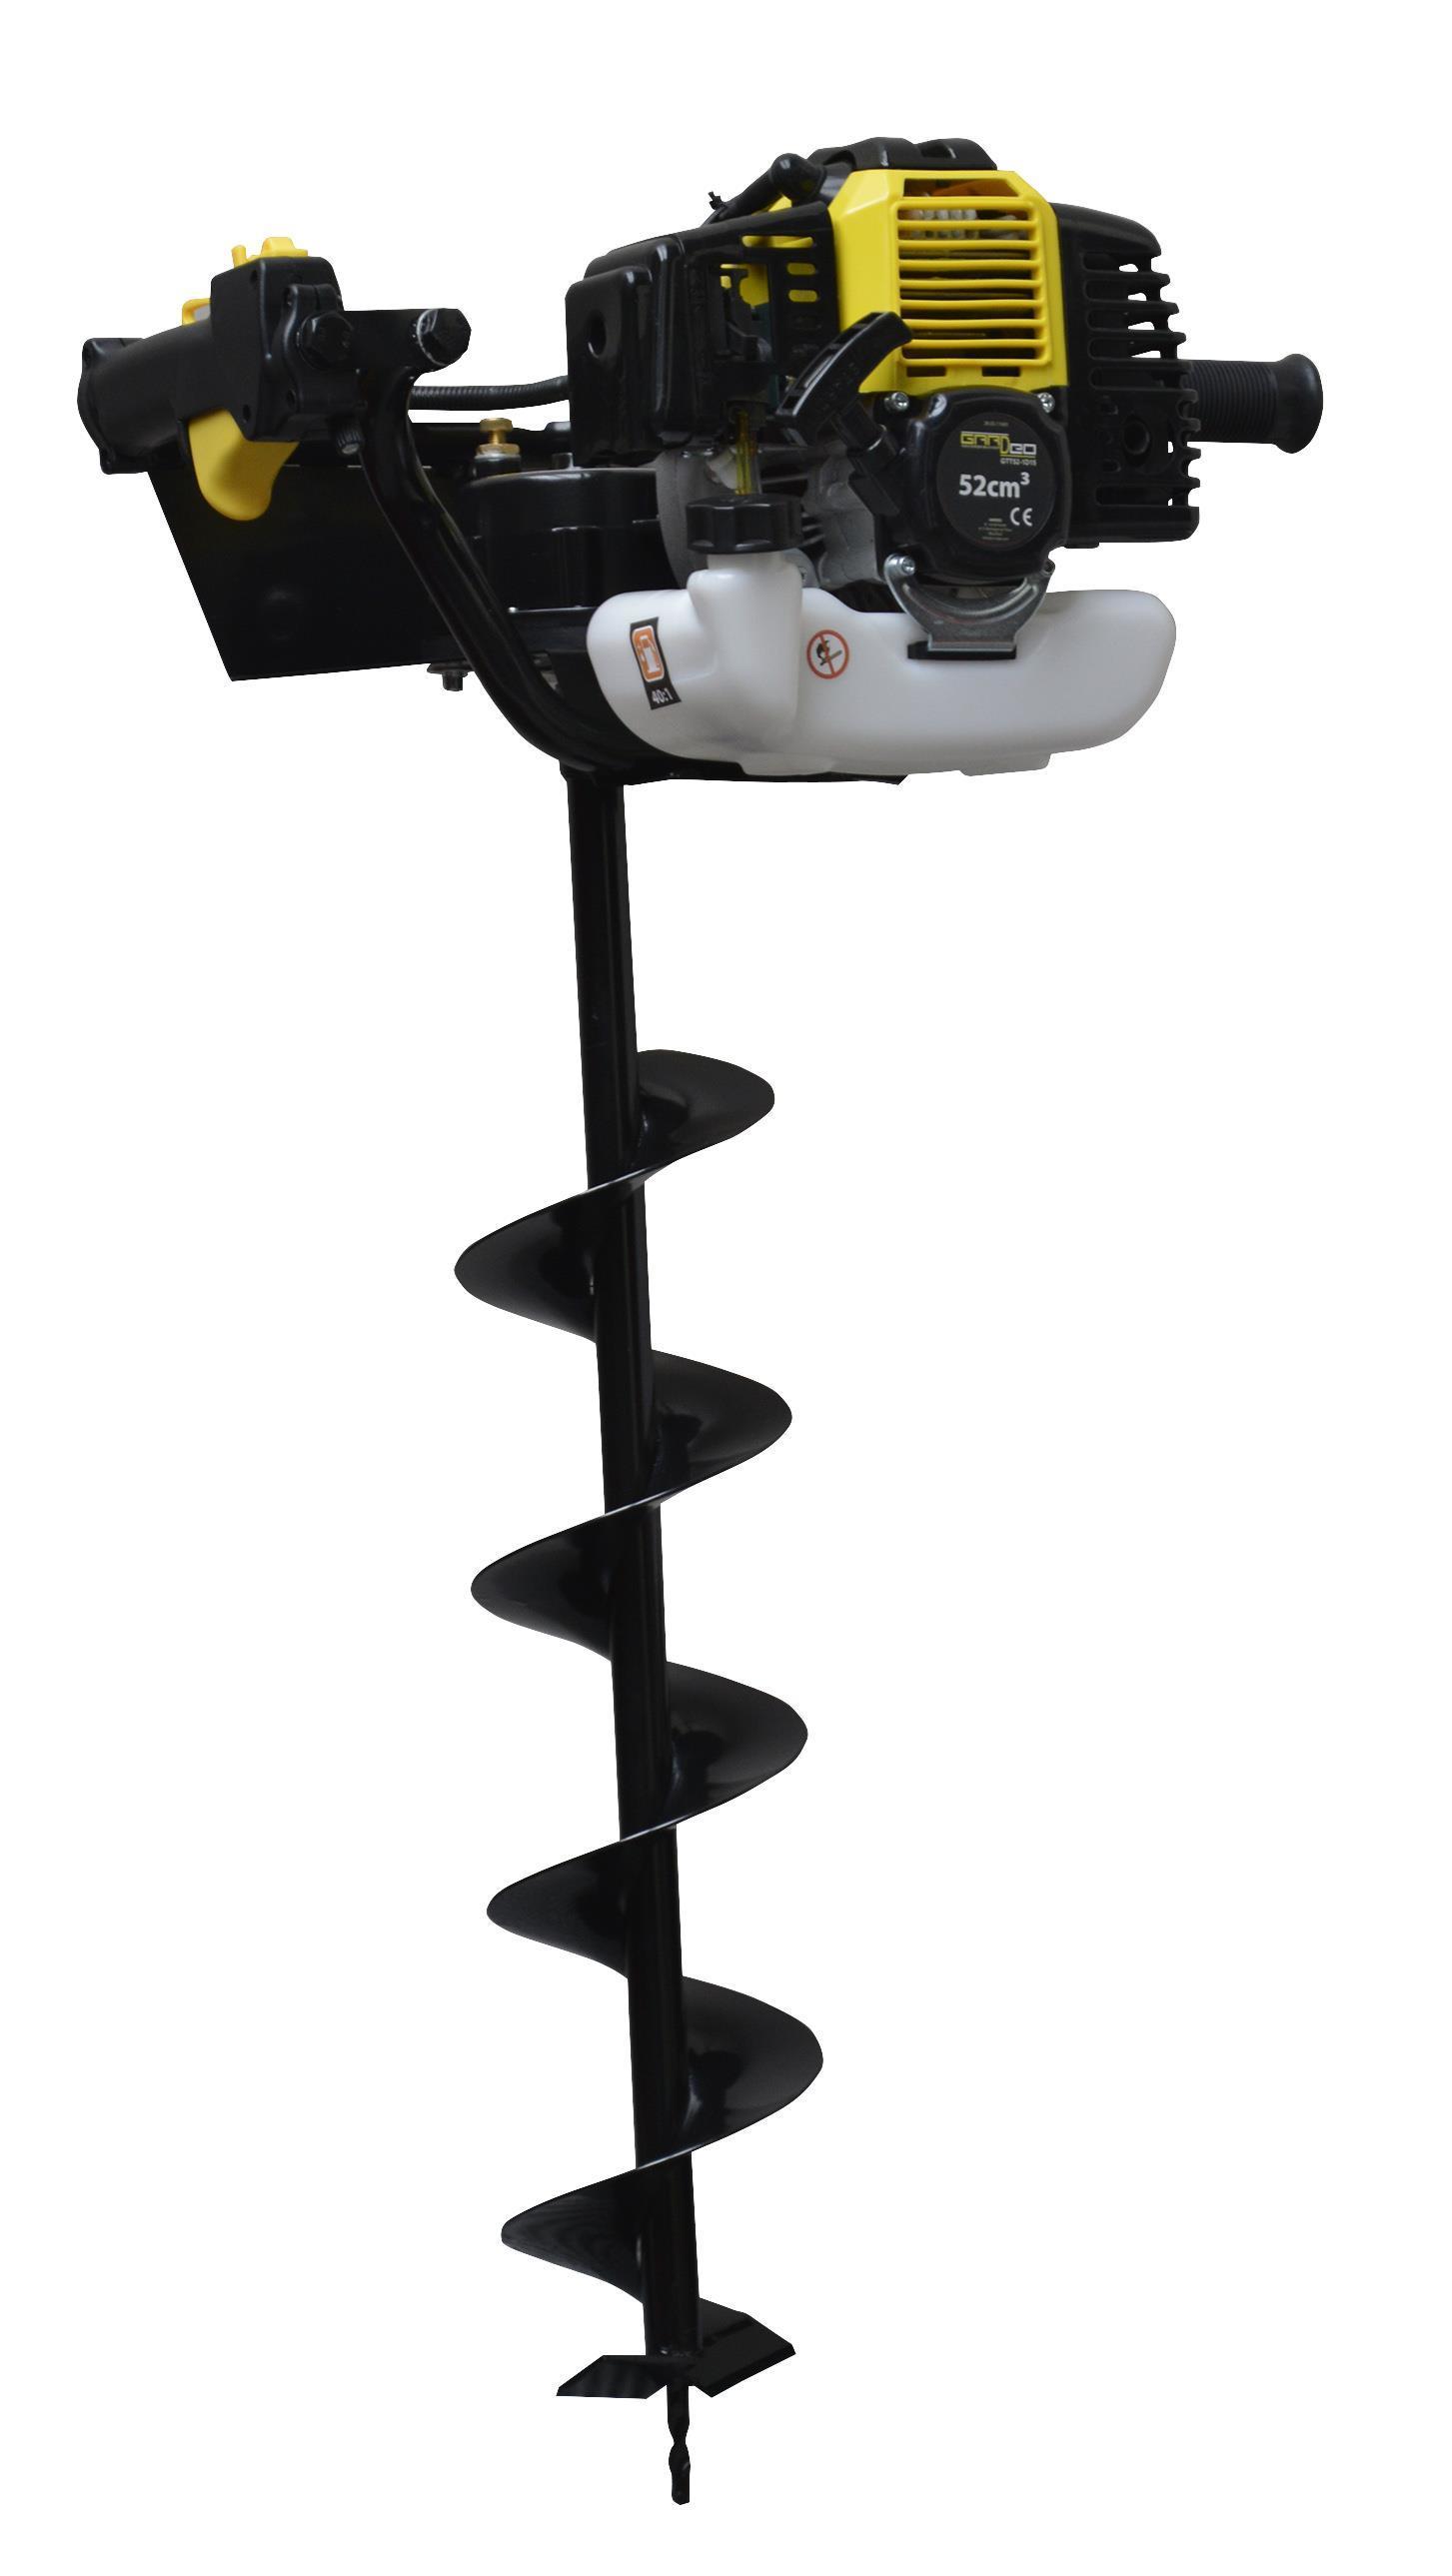 gardeo tari re thermique 52cc 6 gtt52 1d15 pas cher achat vente pelles pioches. Black Bedroom Furniture Sets. Home Design Ideas